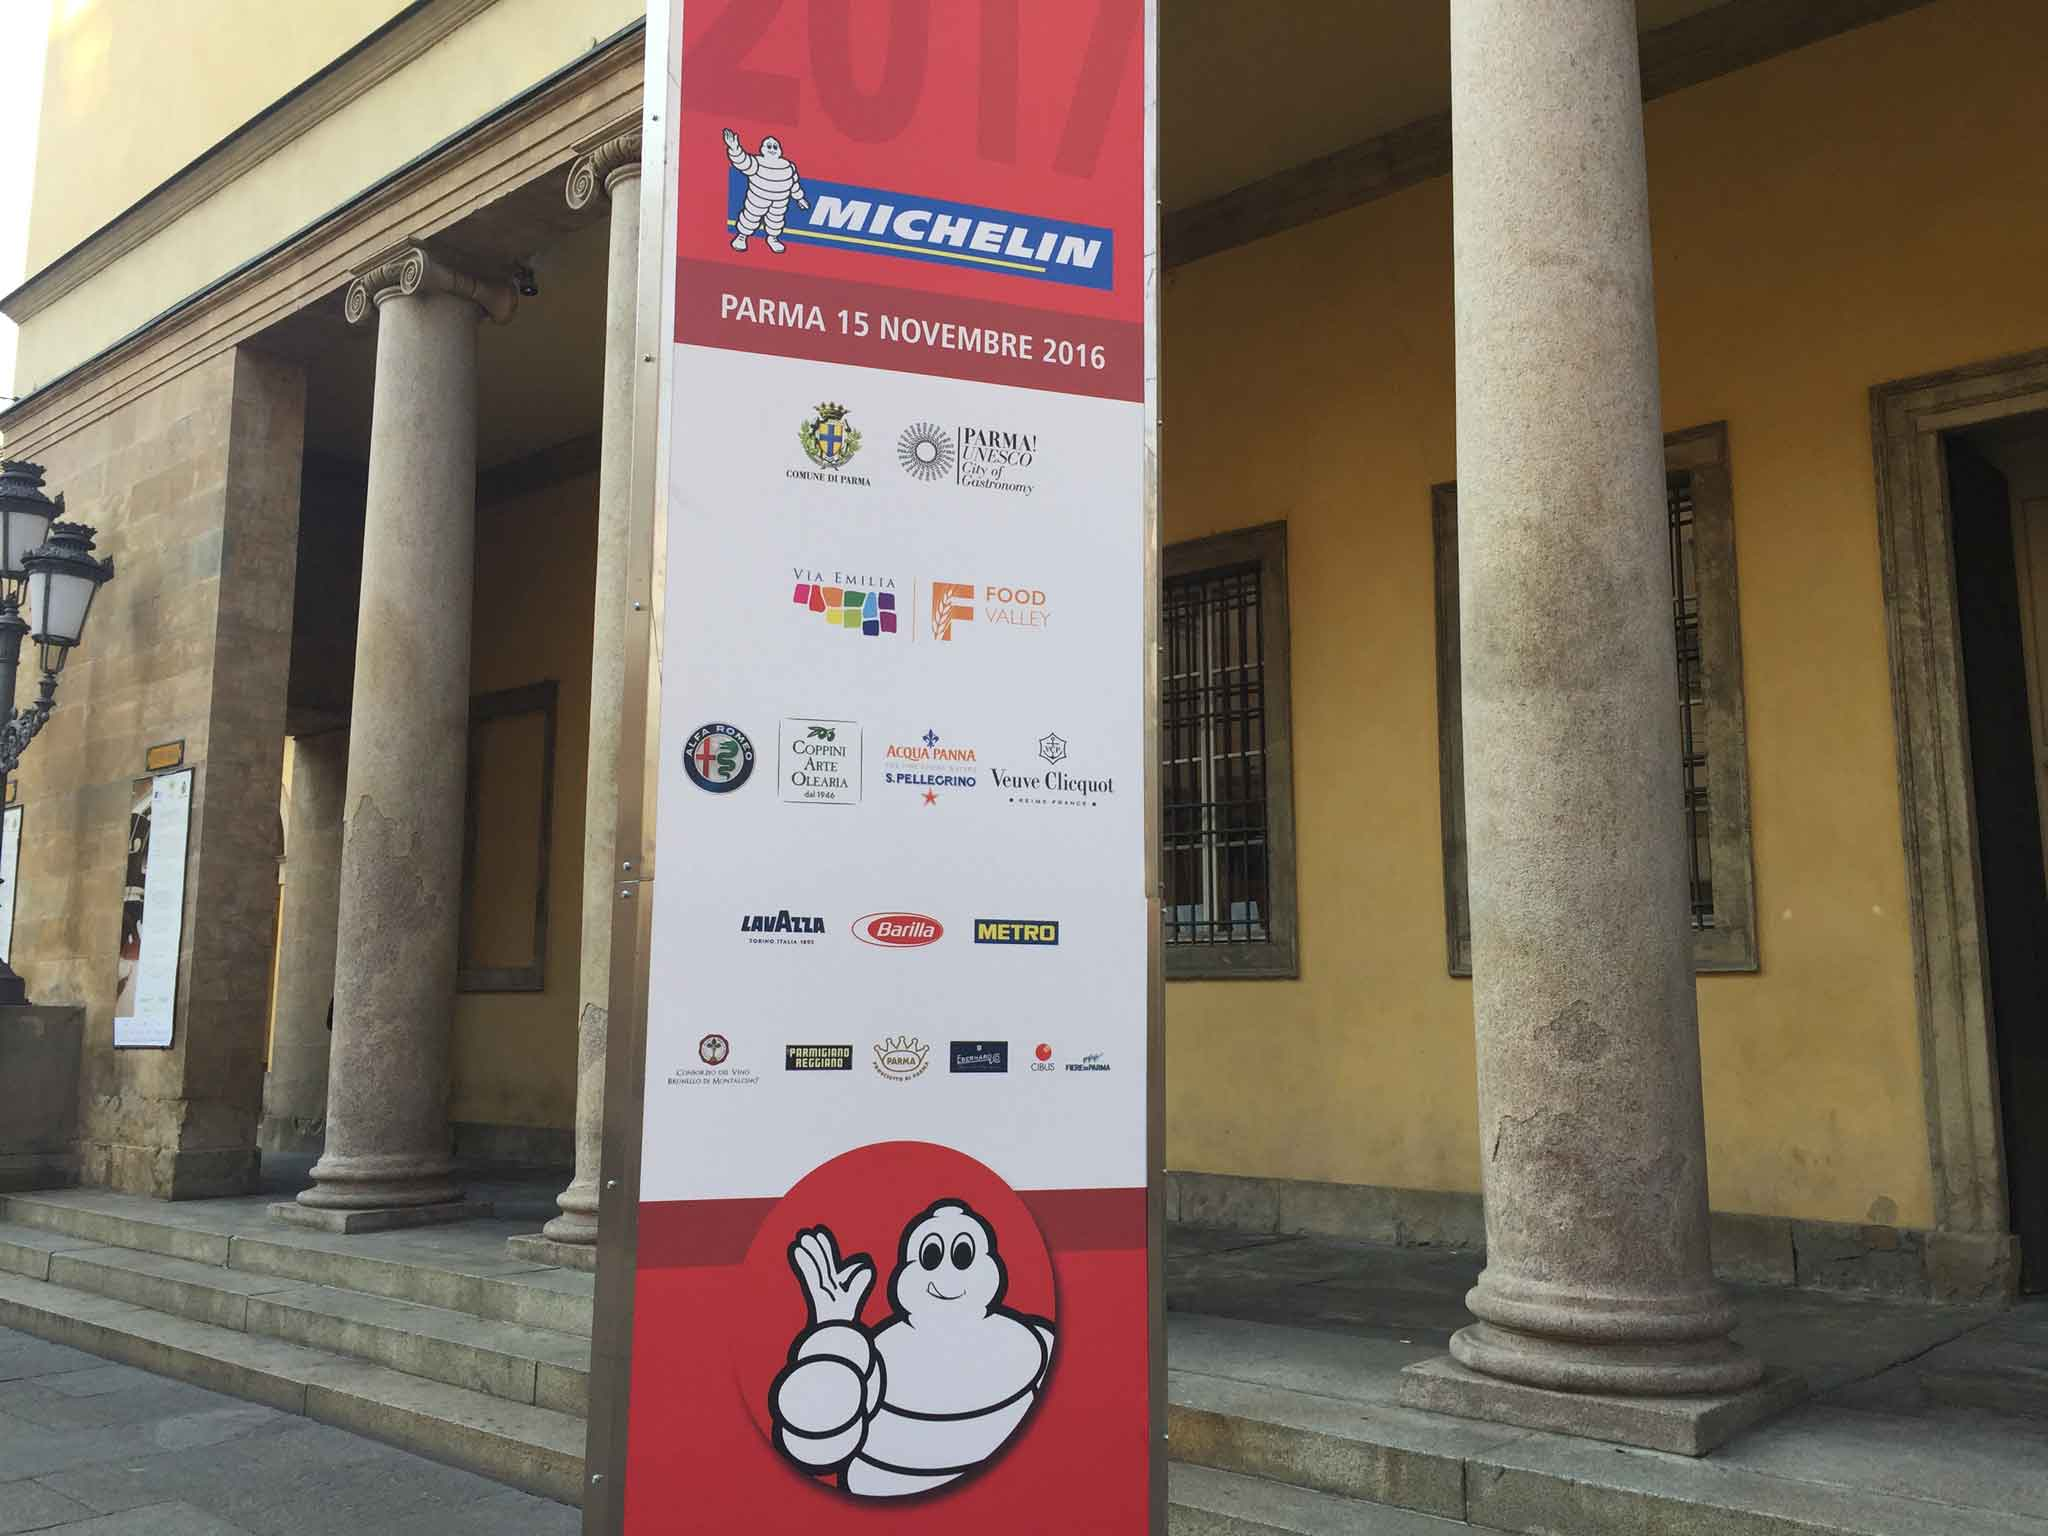 La Credenza Torino Michelin : Guida michelin « eat sleep